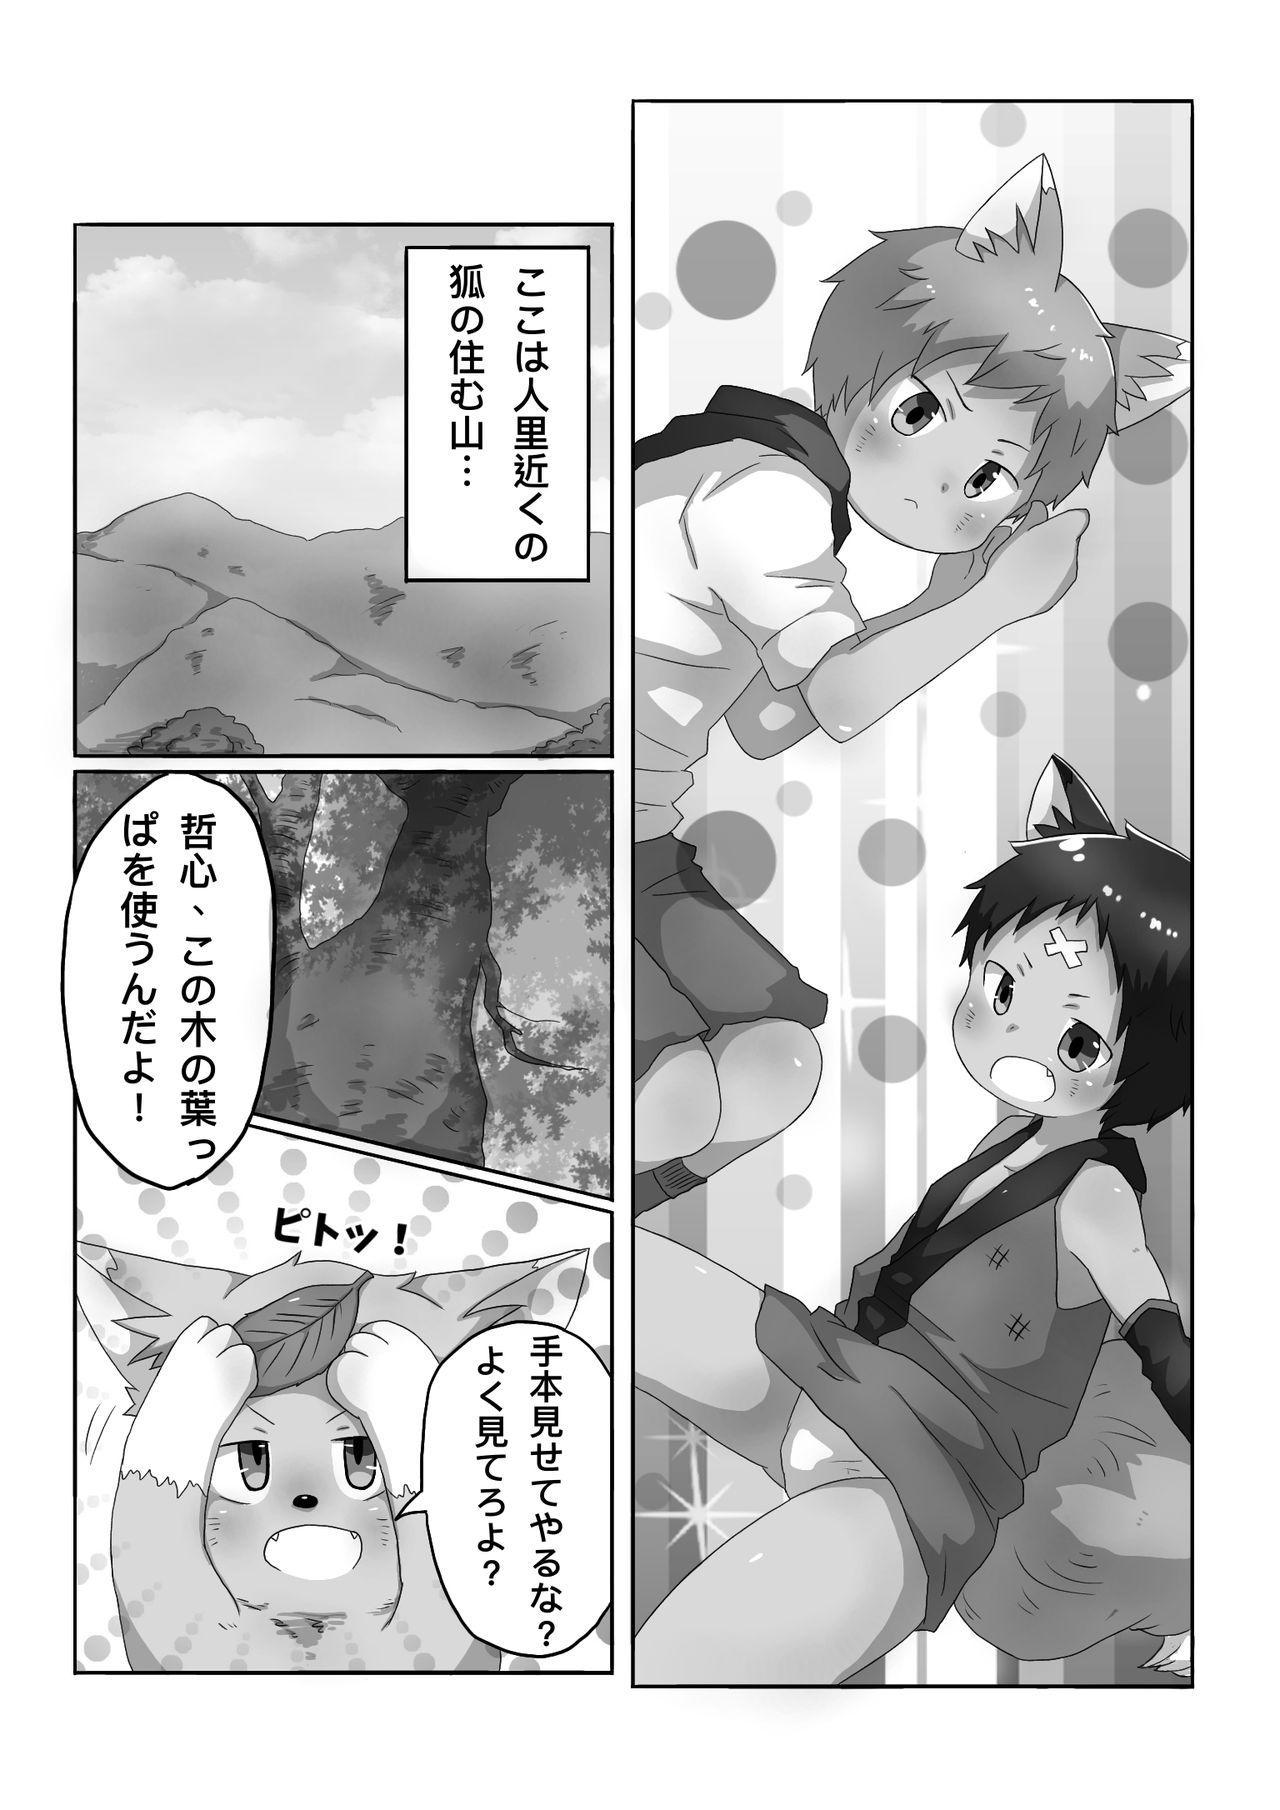 ゴロタ - 狐男児の話 0